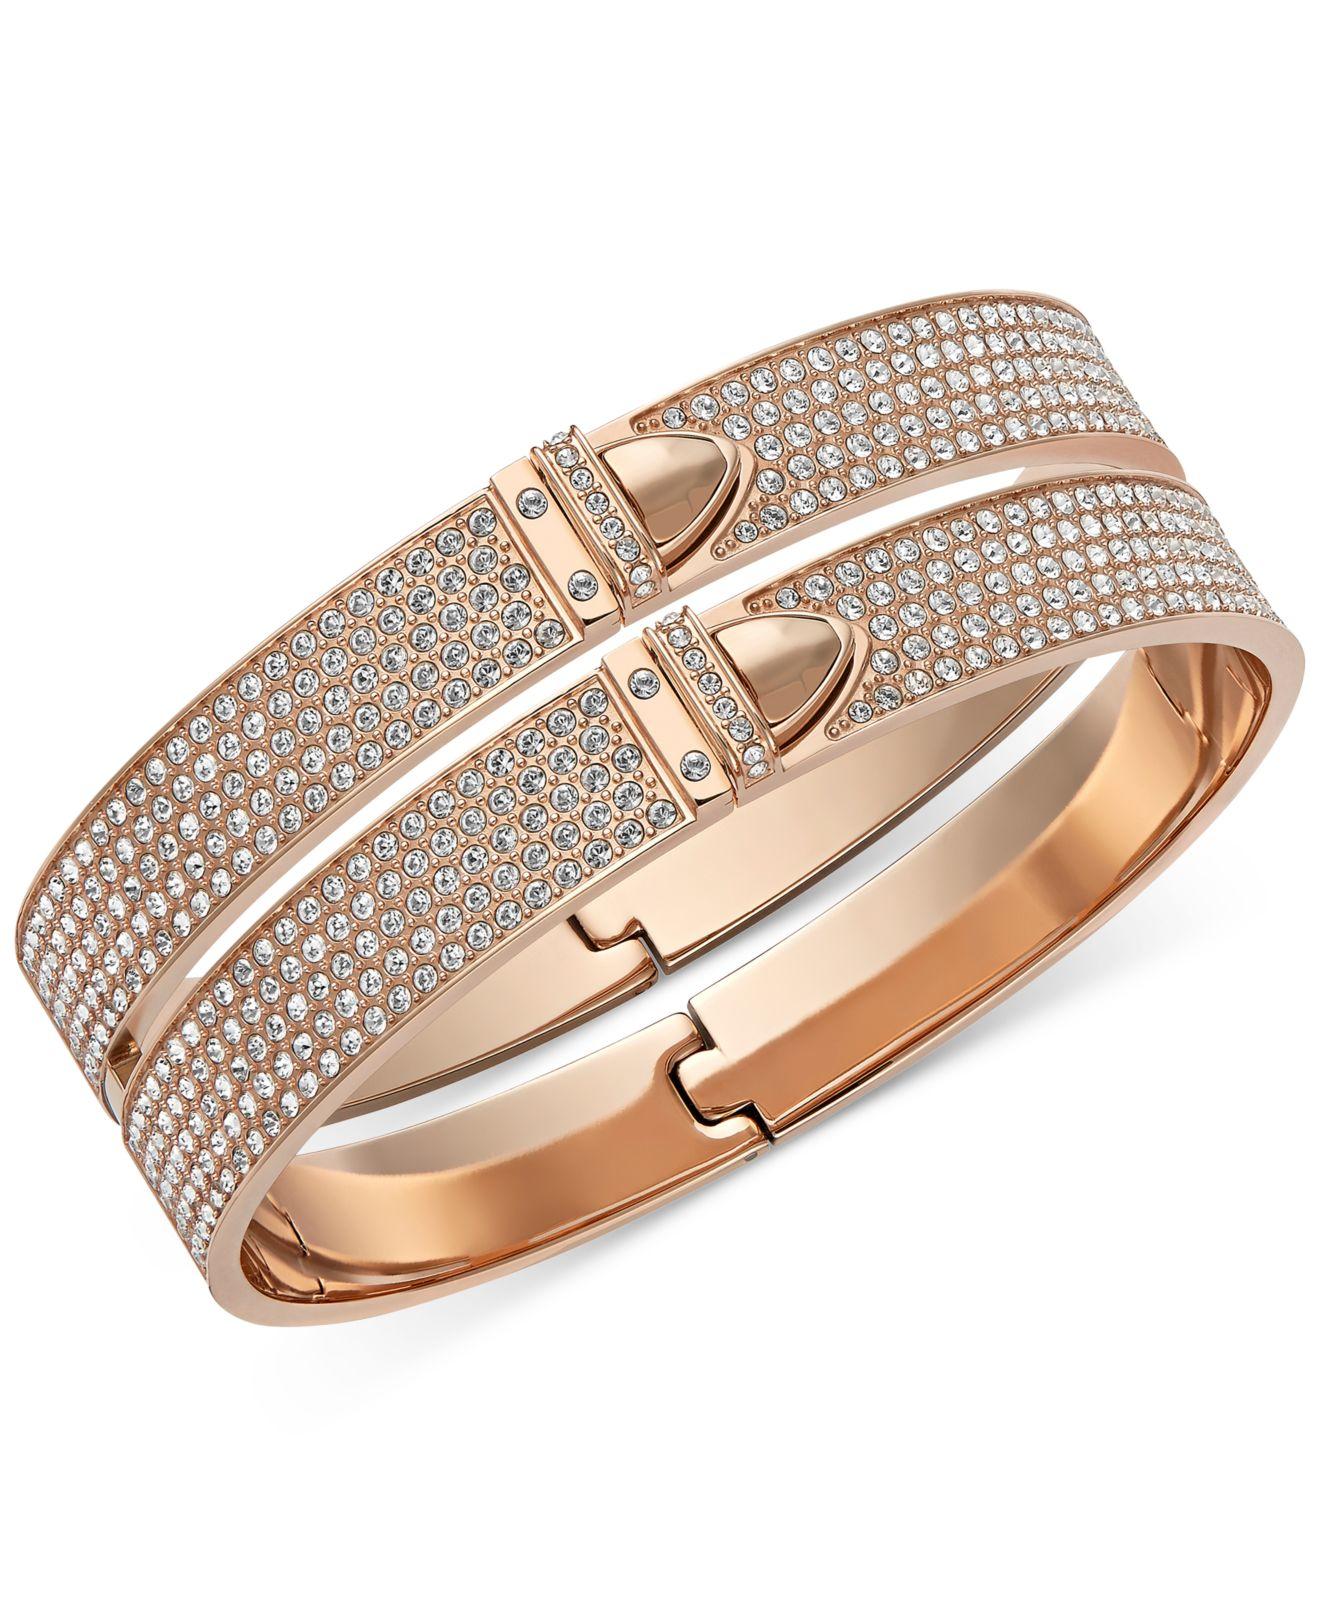 rose gold bracelet swarovski images